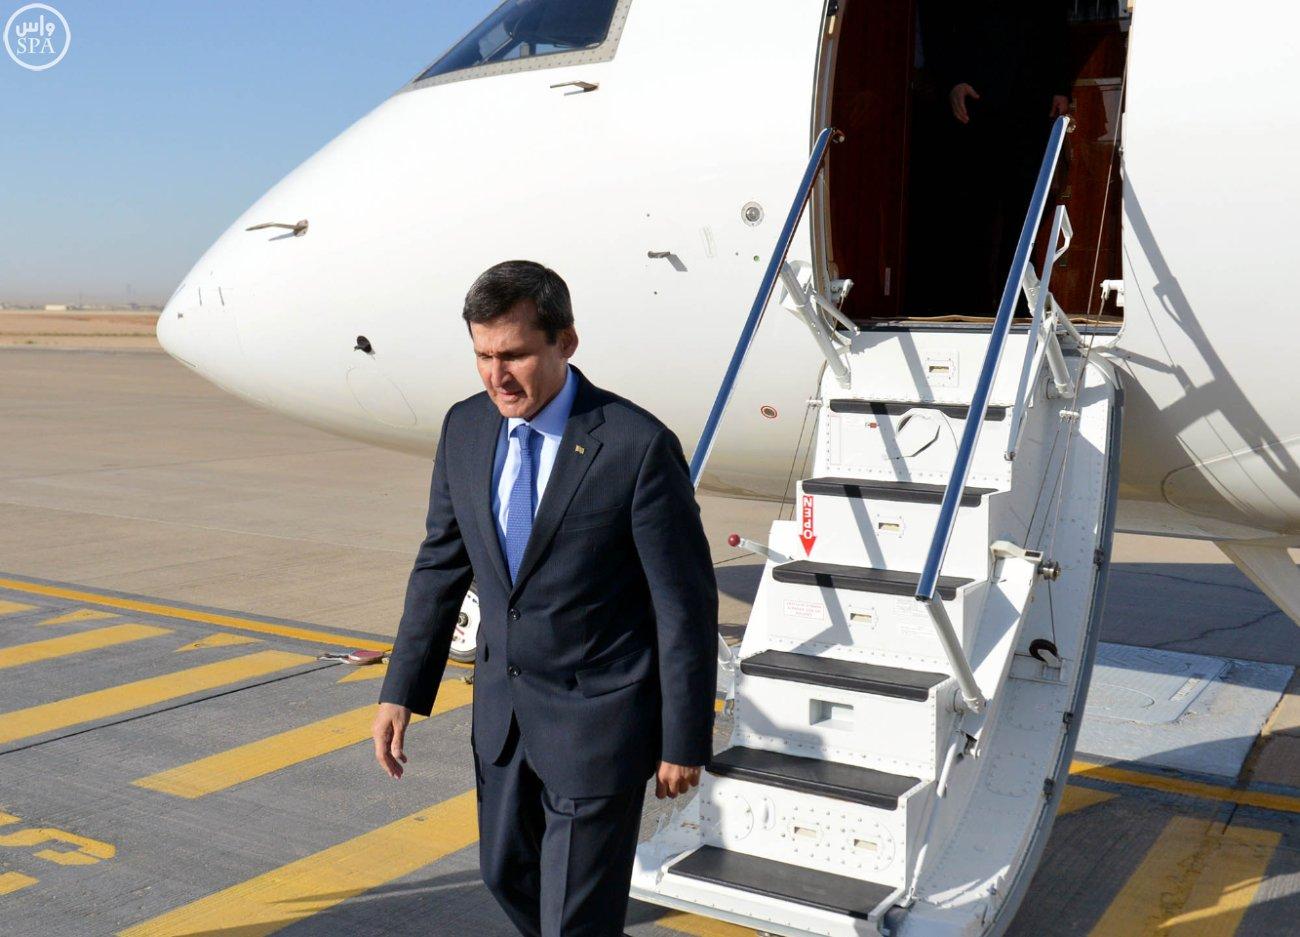 وزير الدولة للشؤون الخارجية نزار بن عبيد مدني يستقبل  وزير خارجية تركمانستان رشيد ميريدوف (3)